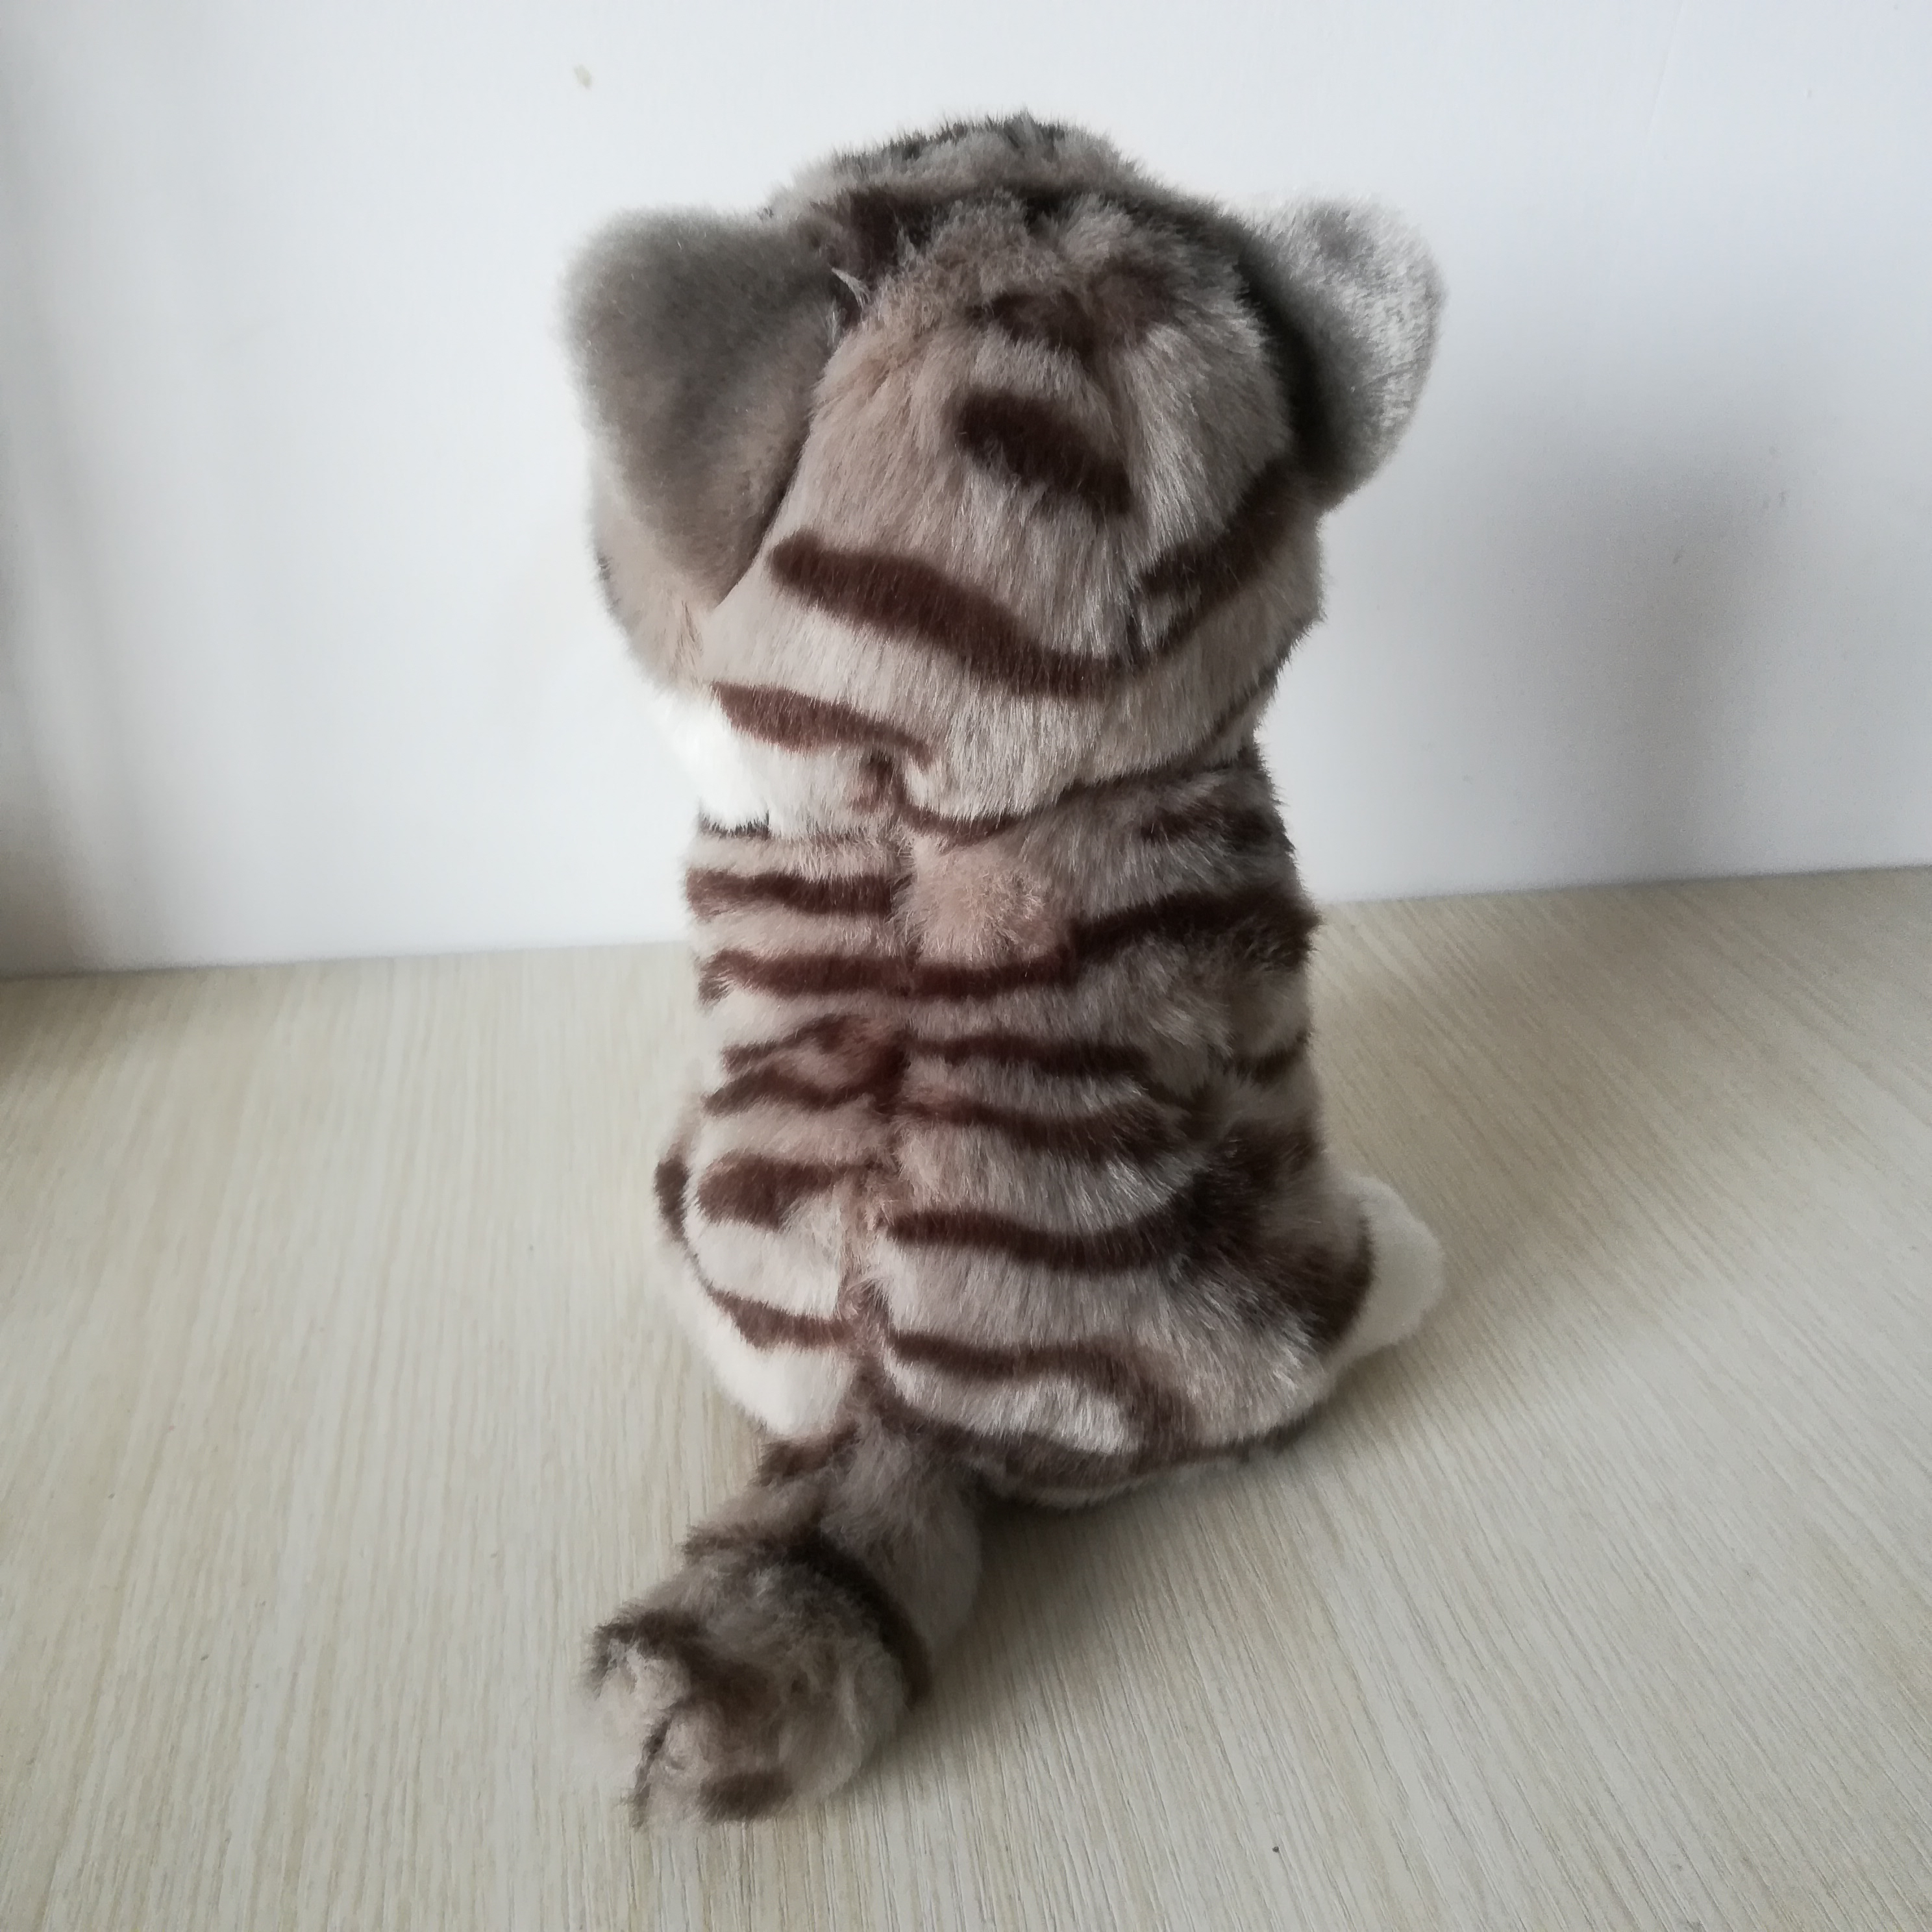 Environ 21cm chat squattant belle gris kitty doux poupée bébé jouet cadeau d'anniversaire s0165 - 3